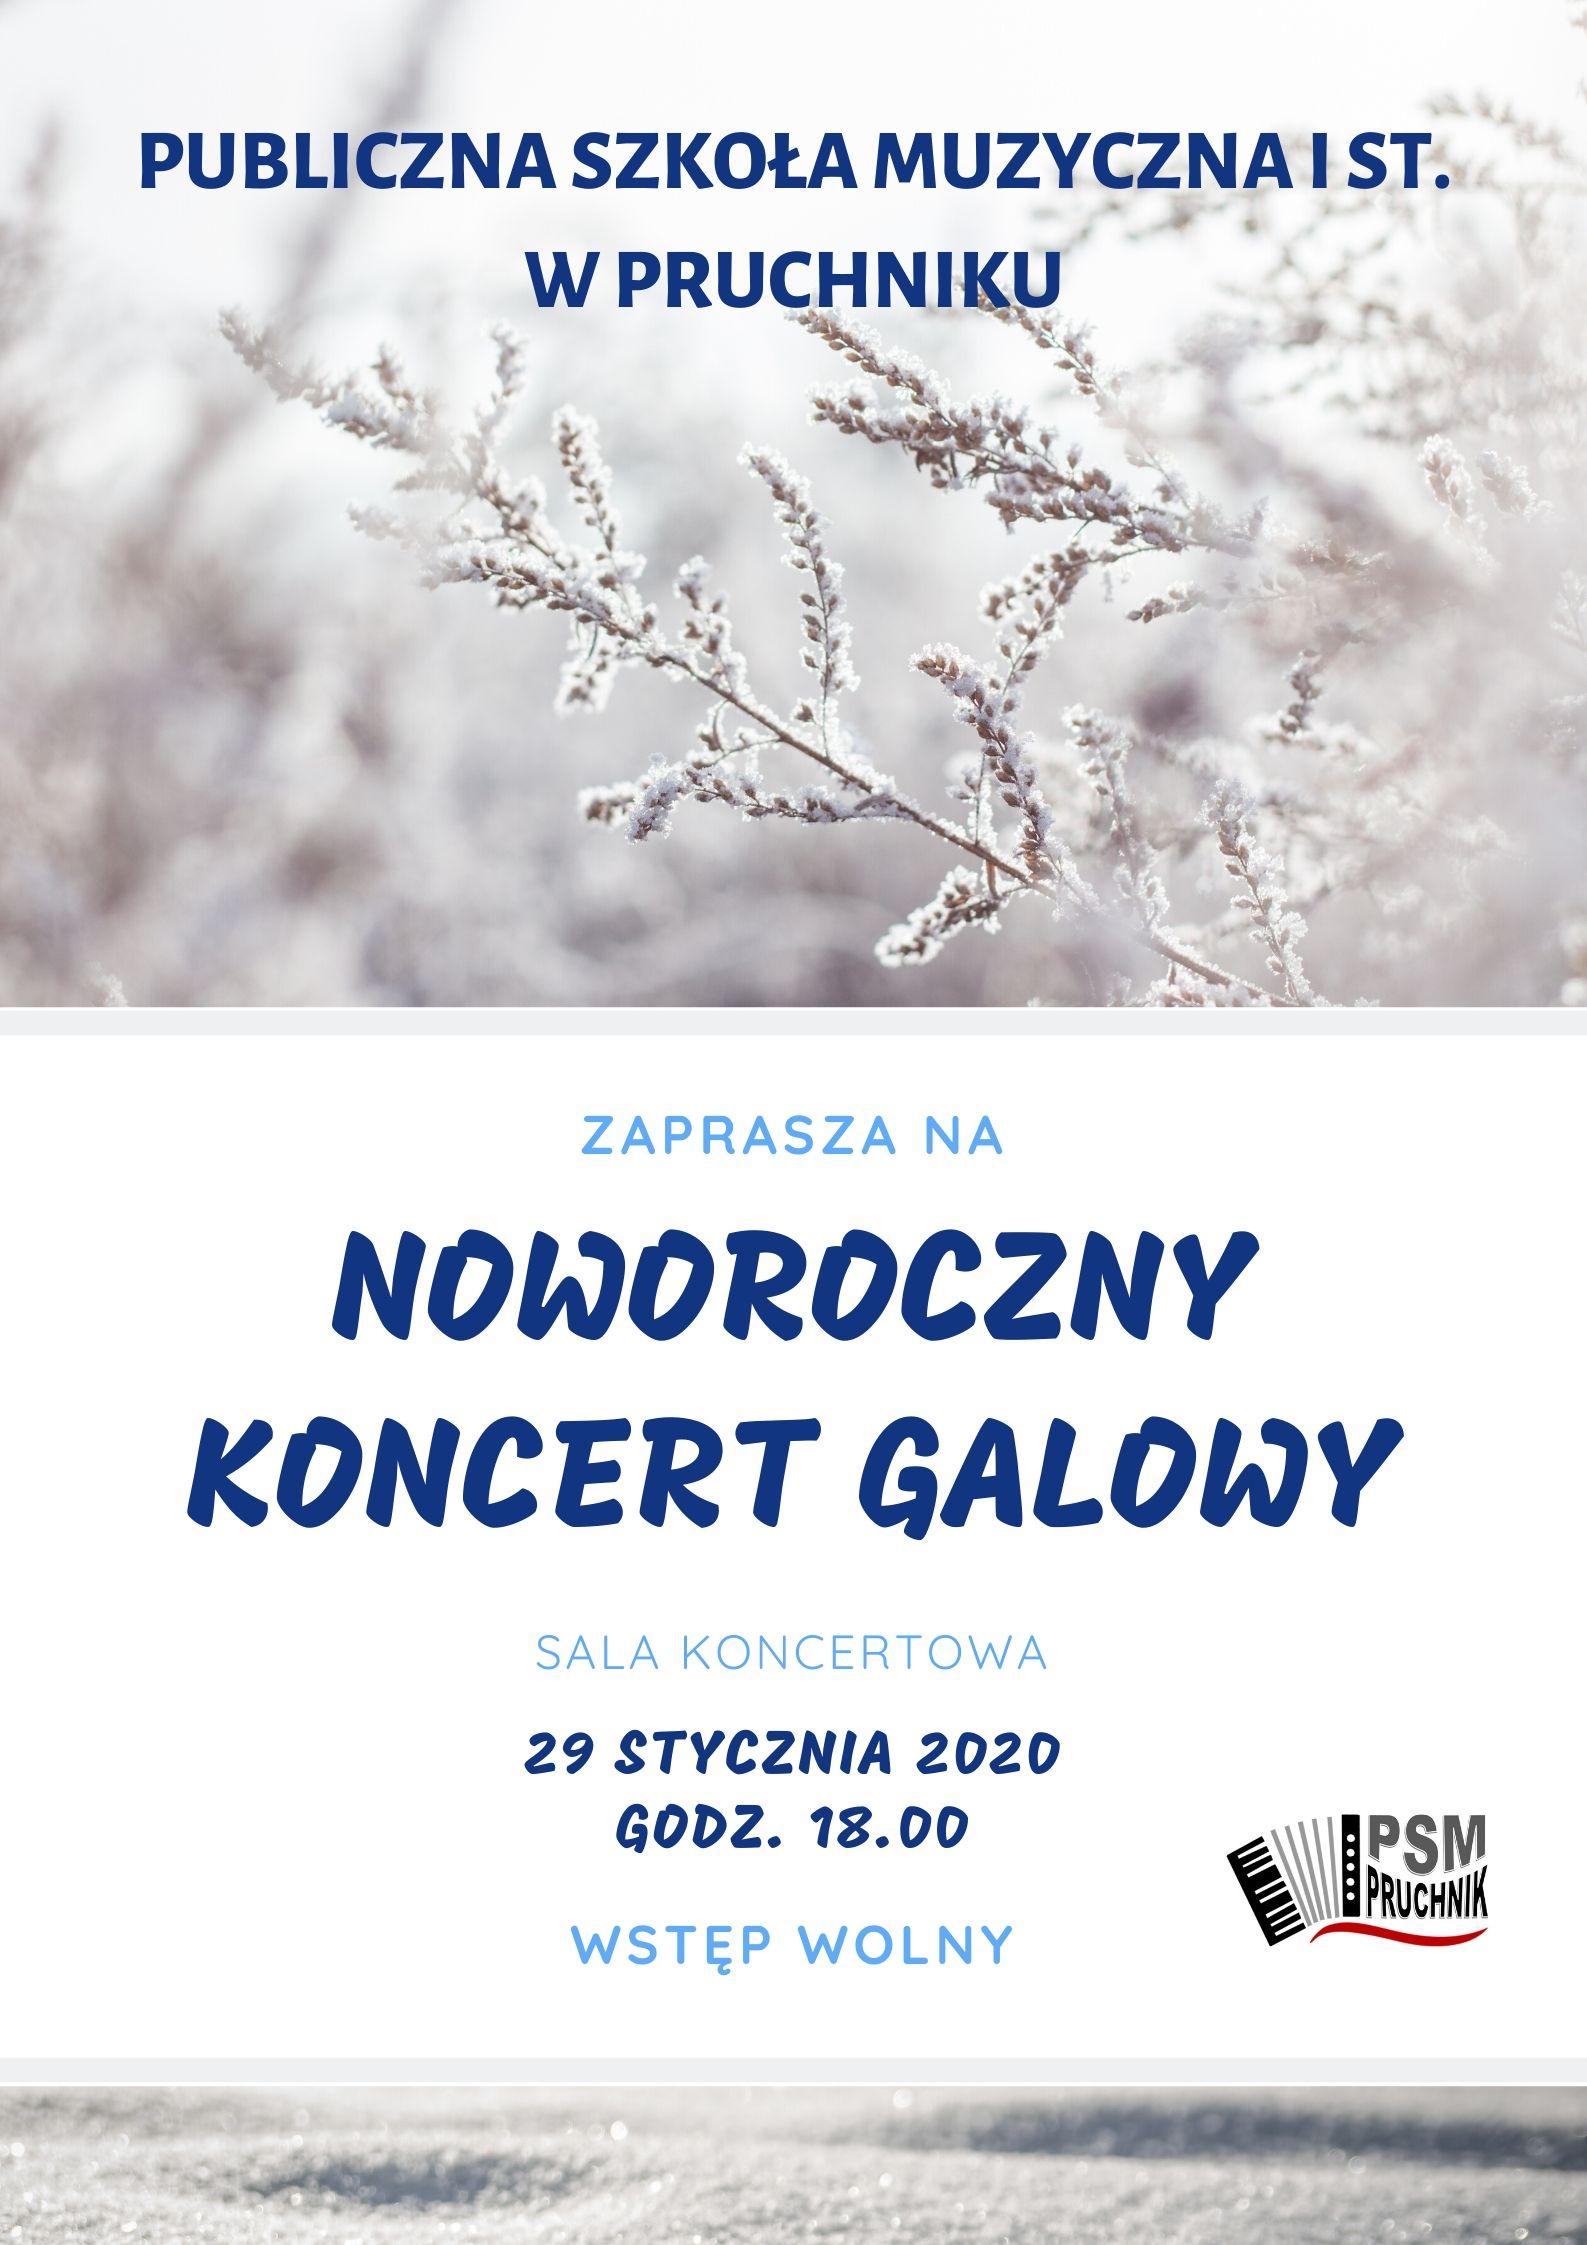 Koncert Noworoczny - Pruchnik 2020